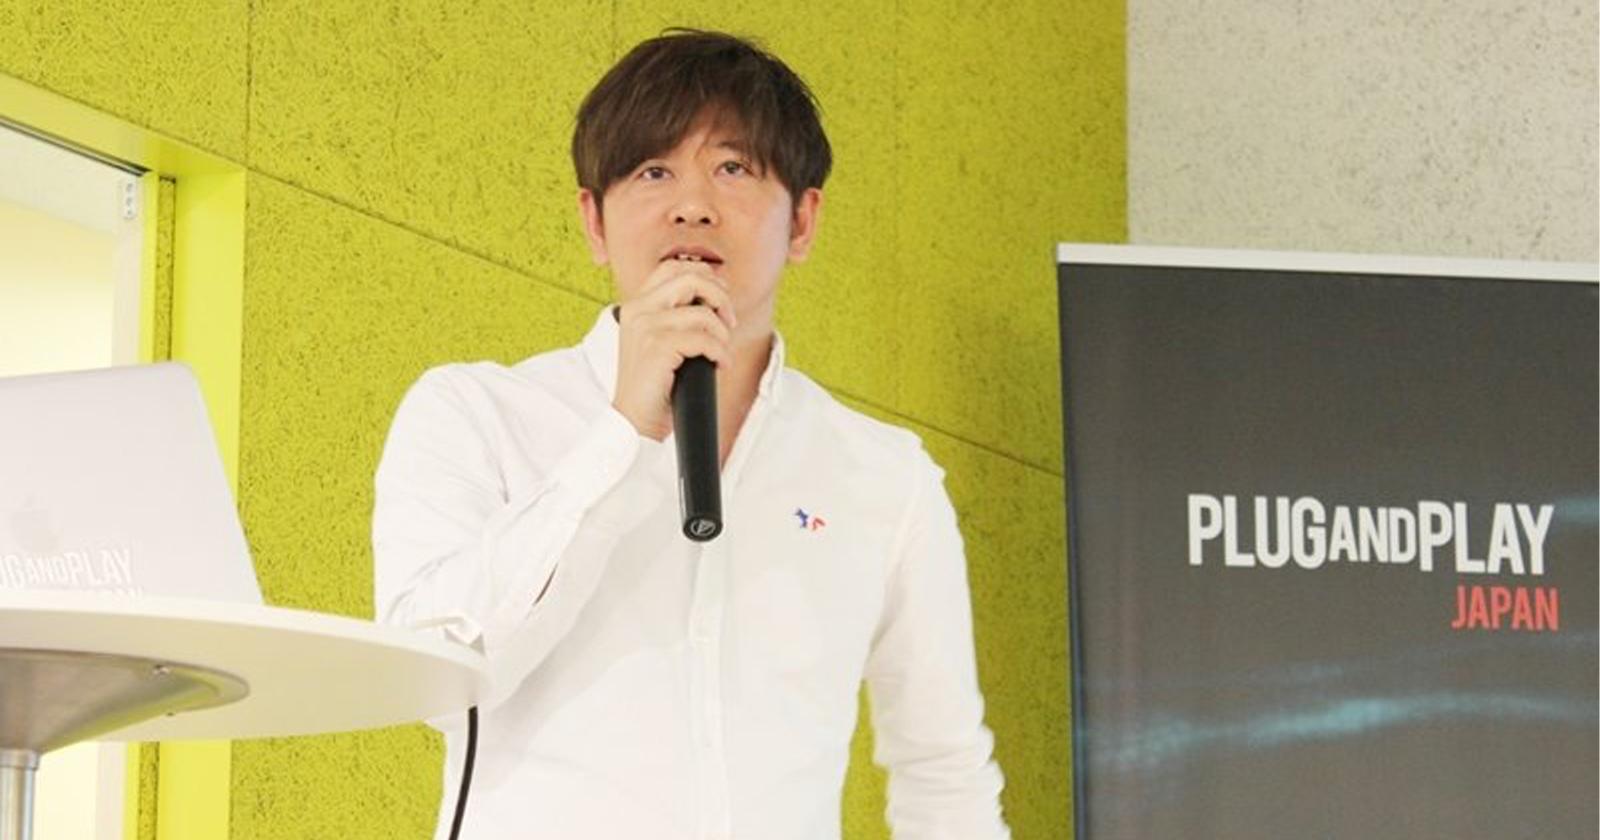 5月22日開催に開催されたPlug and Play Japan × for Startups共催トークイベント『経営にMission/Vision/Valueは必要か』の記事がログミーにて公開されました。